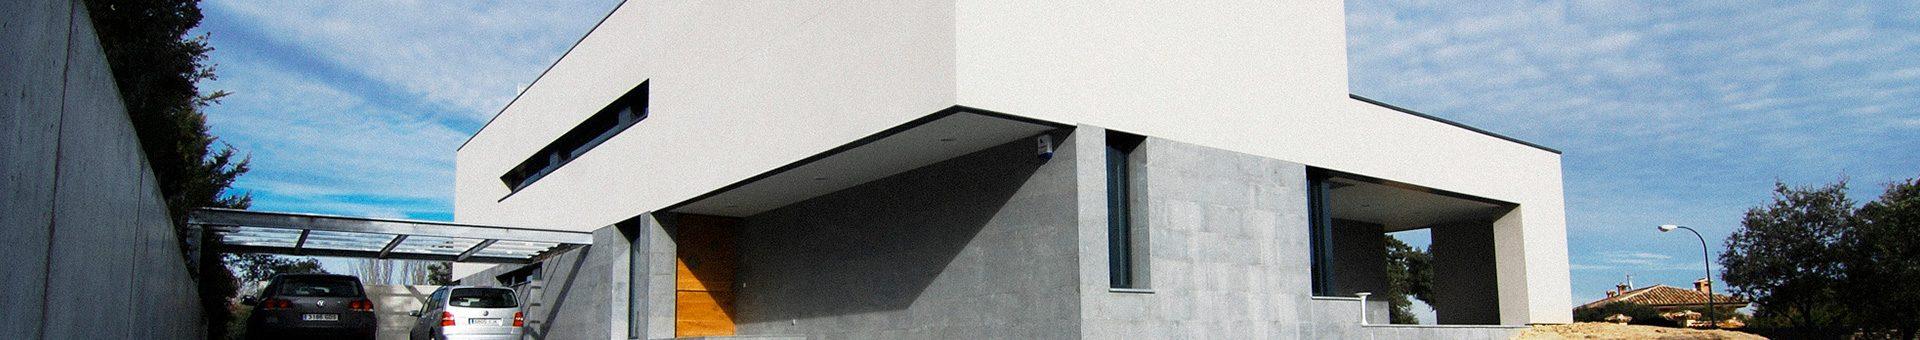 proyectos-viviendas